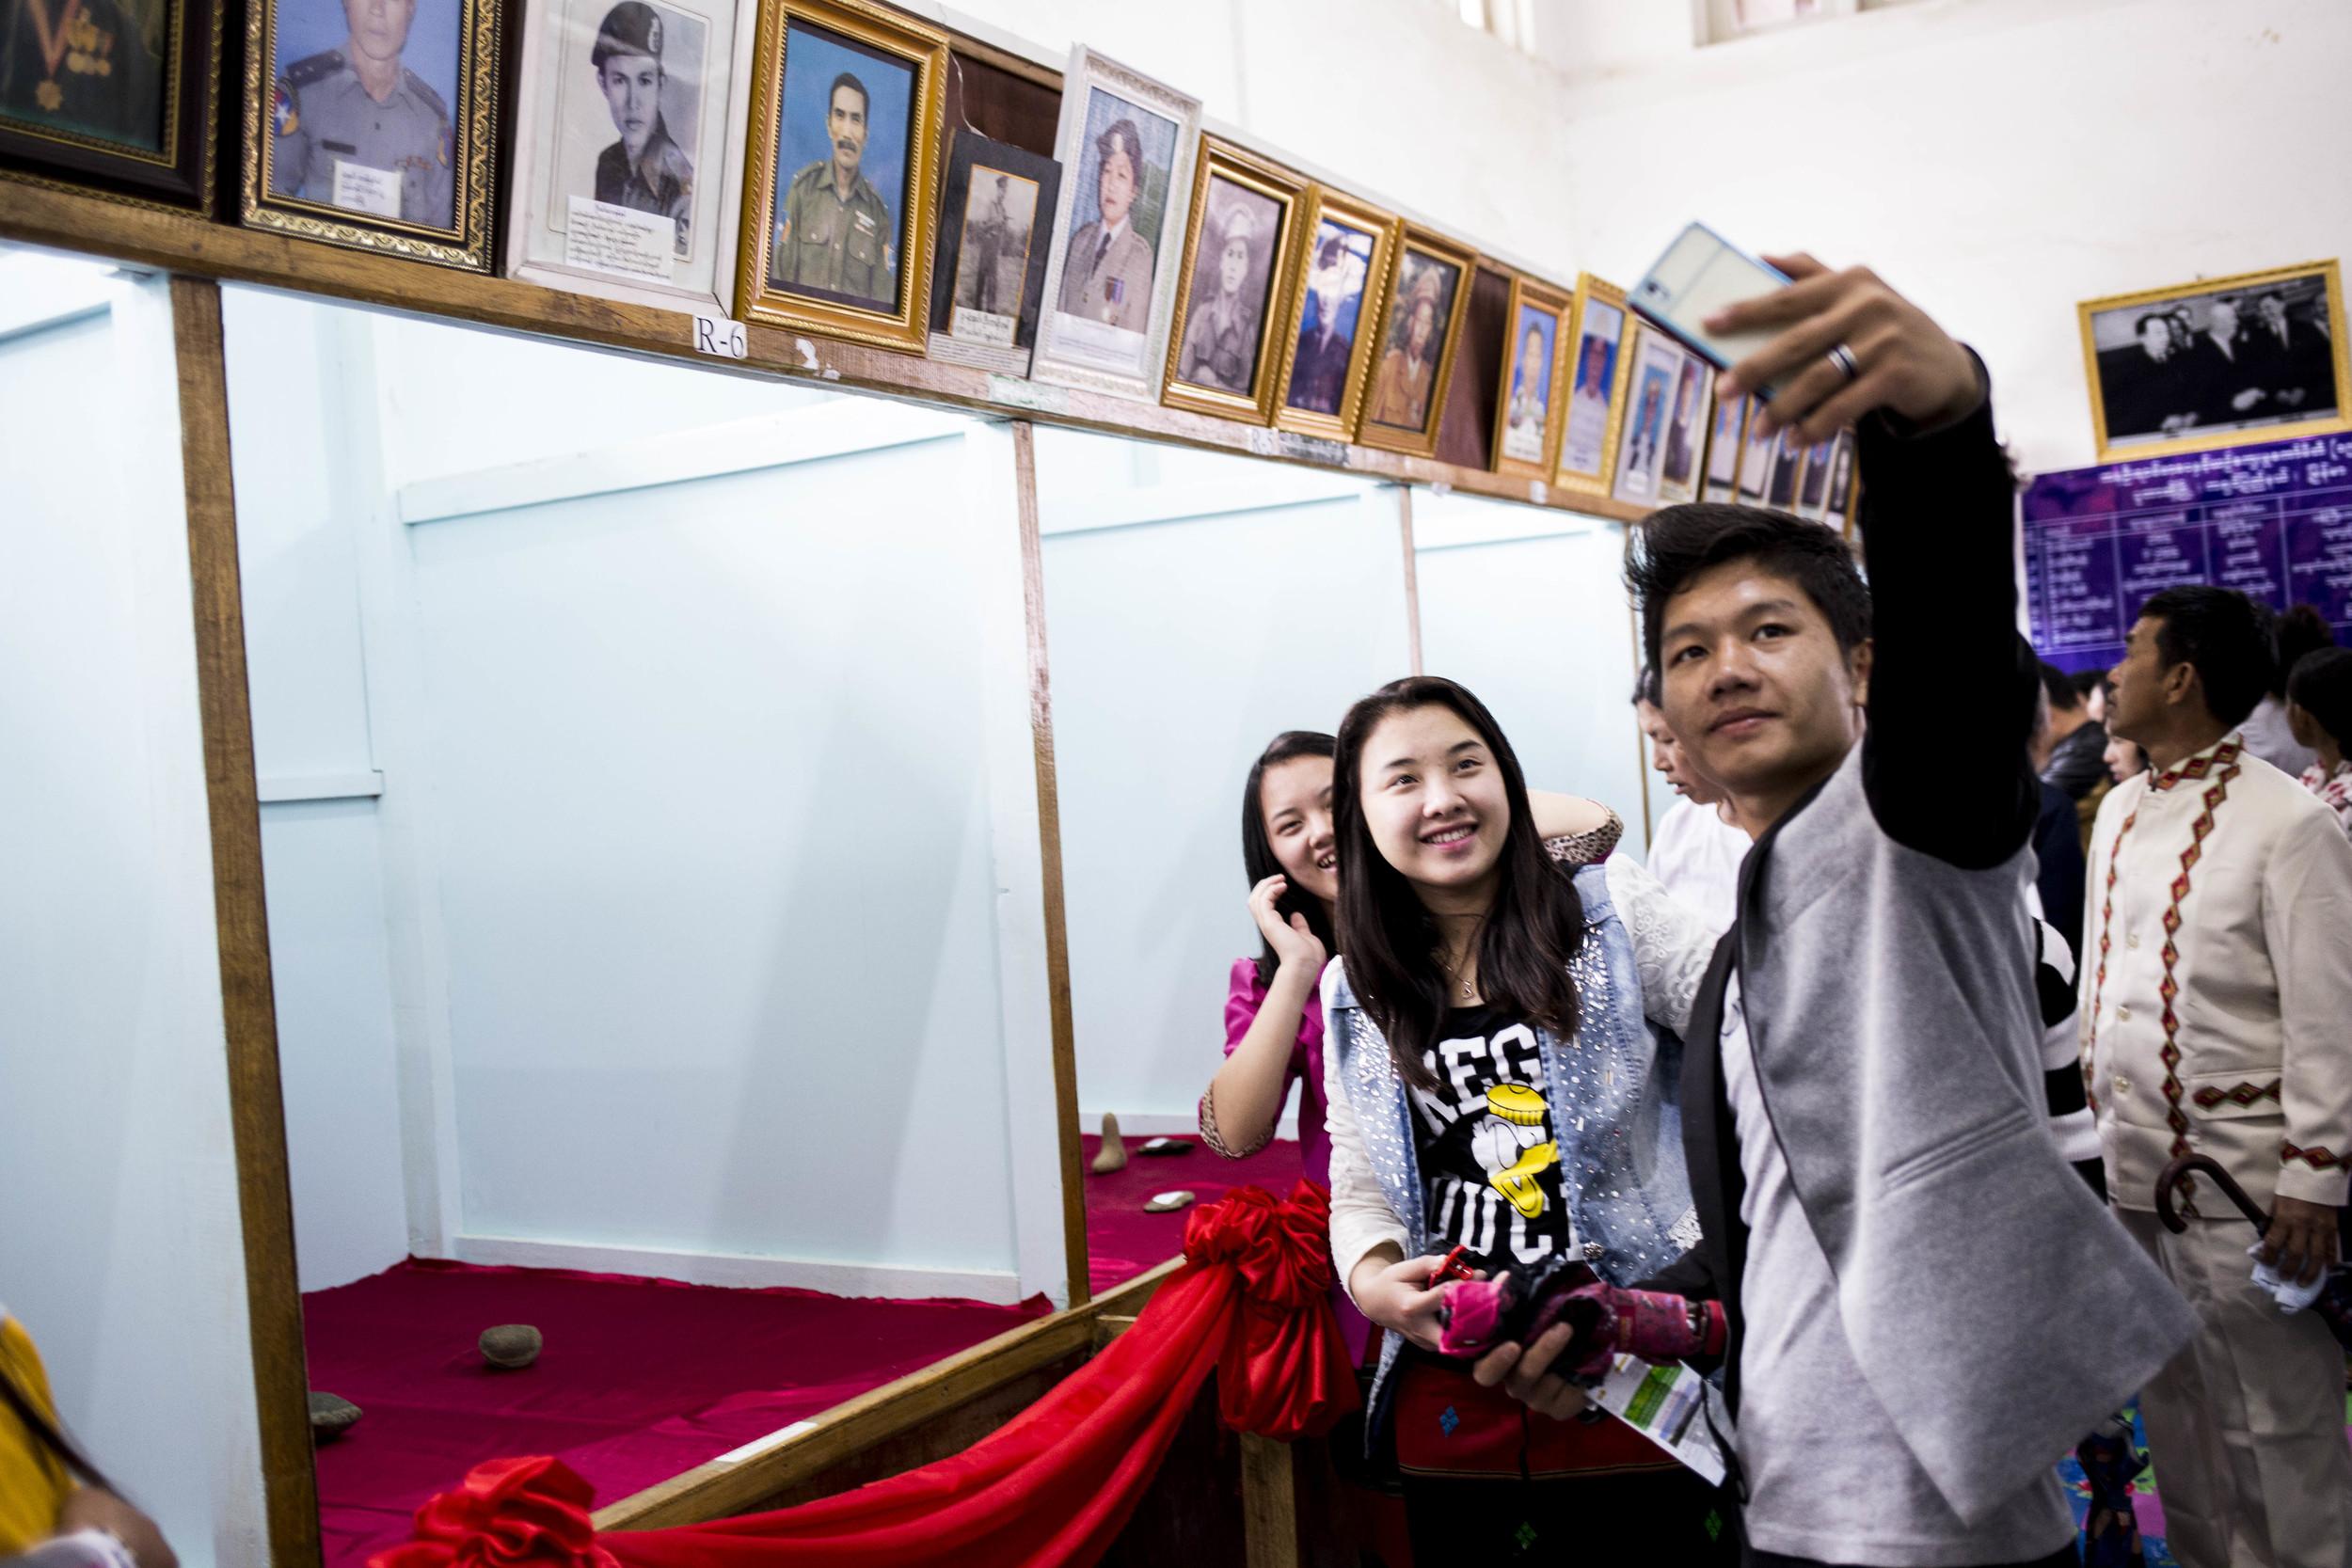 Rawang national museum. Photo by Ann Wang